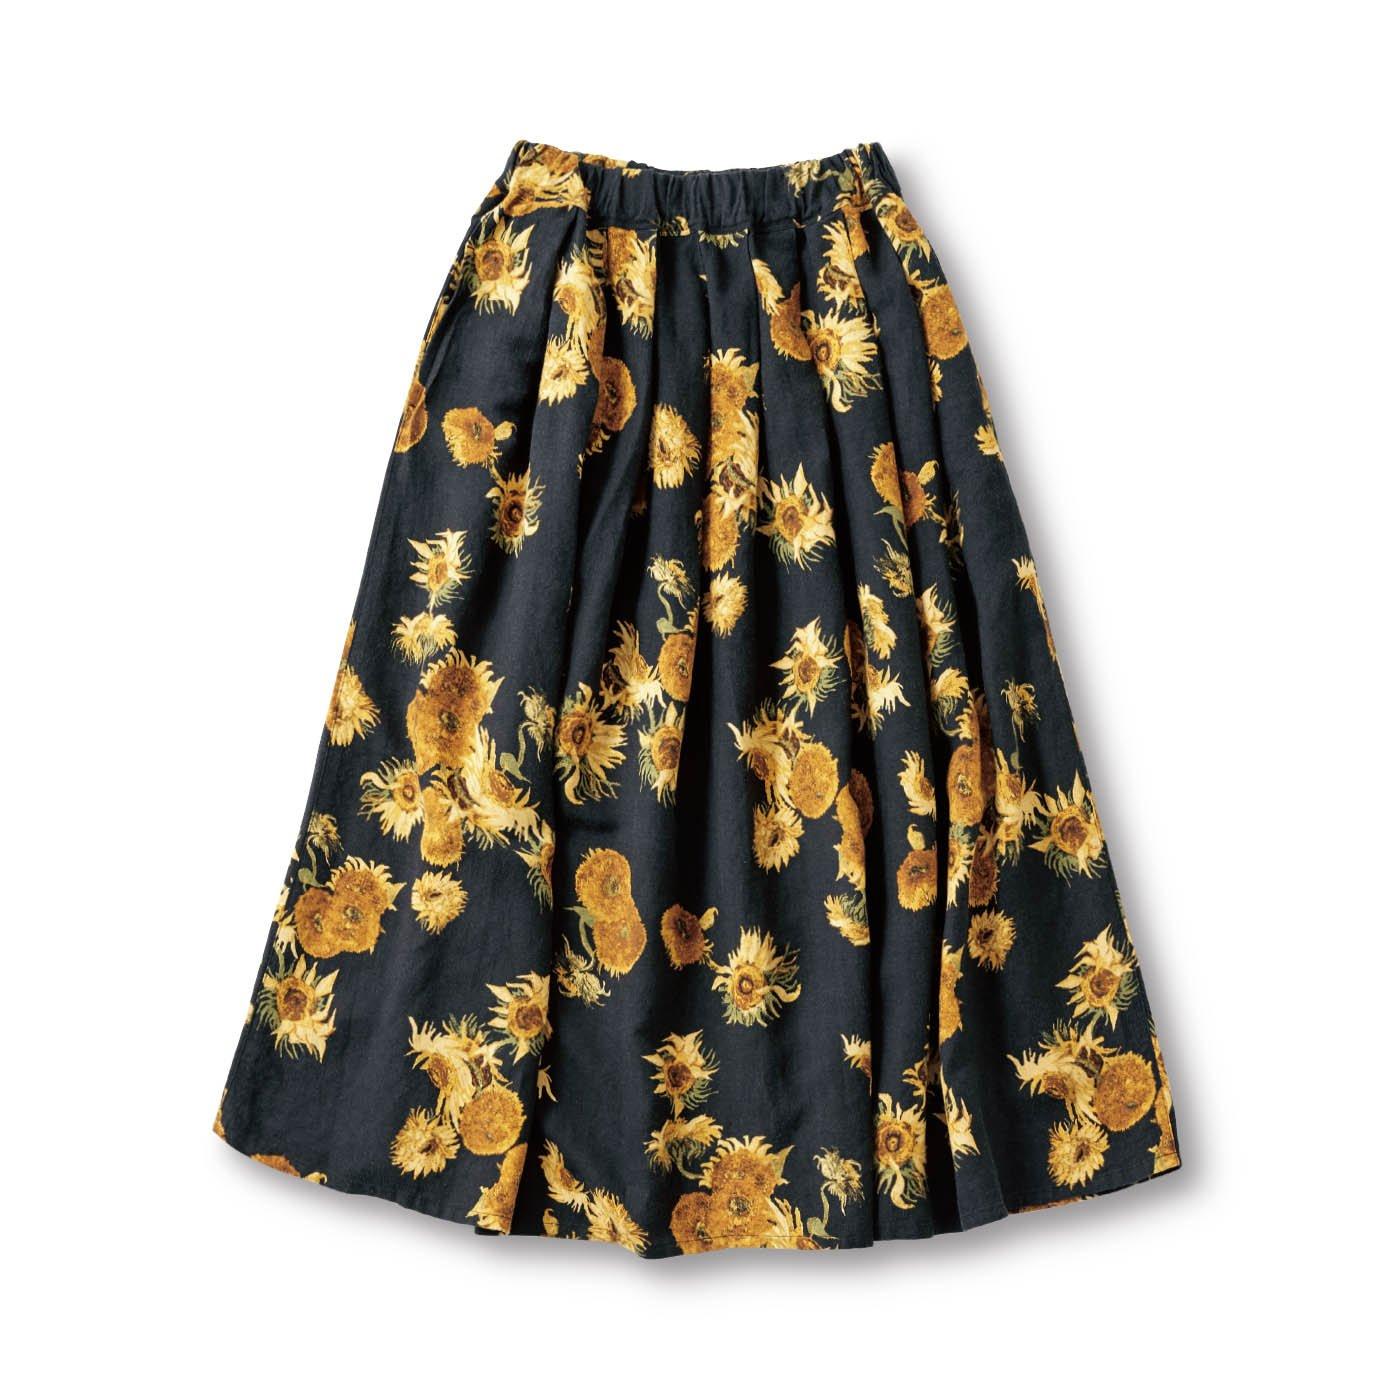 サニークラウズ ゴッホのひまわりスカート〈レディース〉